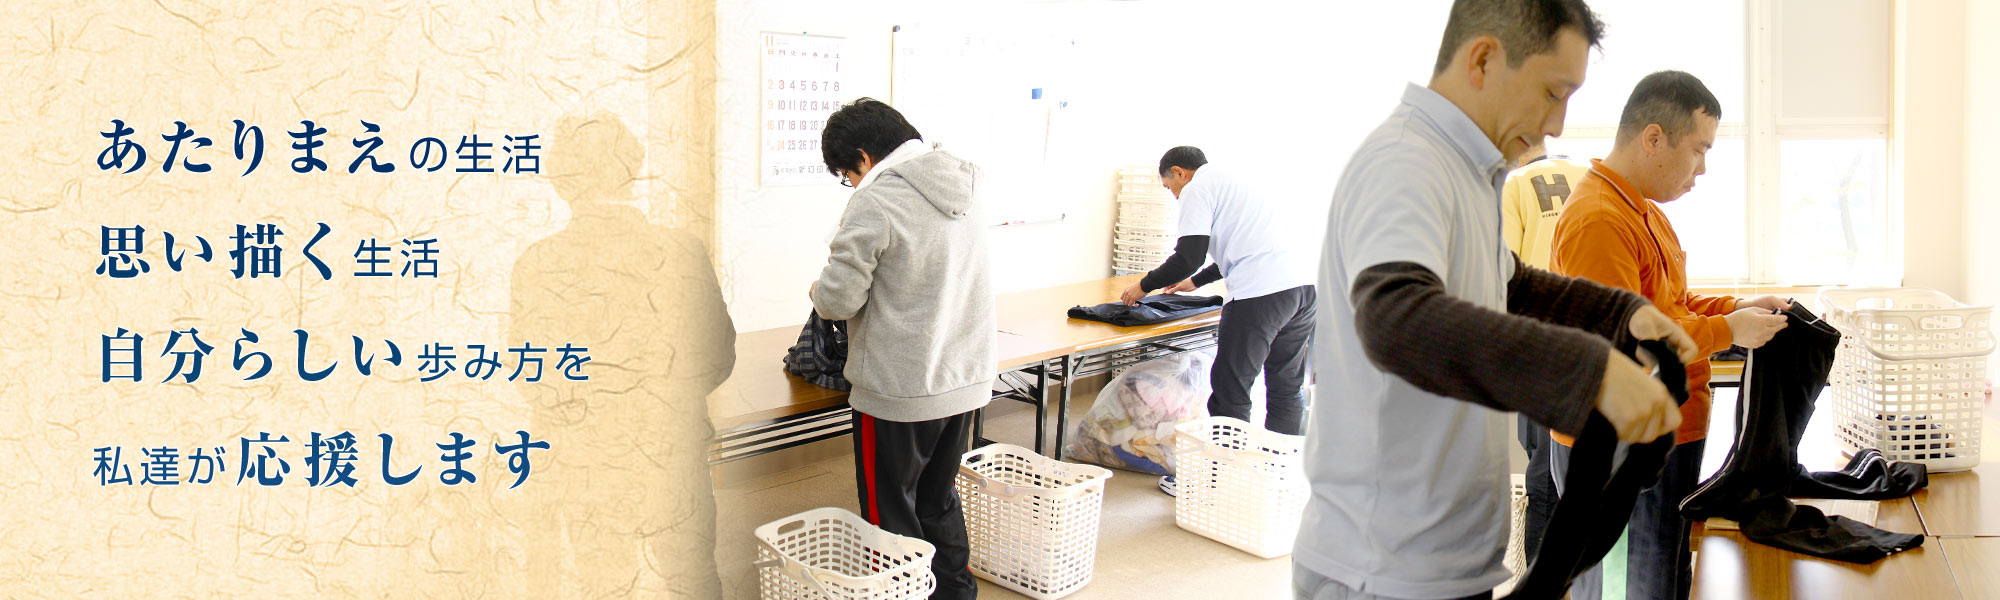 からだにやさしく、こころにやさしい、自分らしい人生を。青森県黒石市の入所・生活介護・グループホーム・障がい児支援をする障がい者支援施設「山郷館黒石グループ」